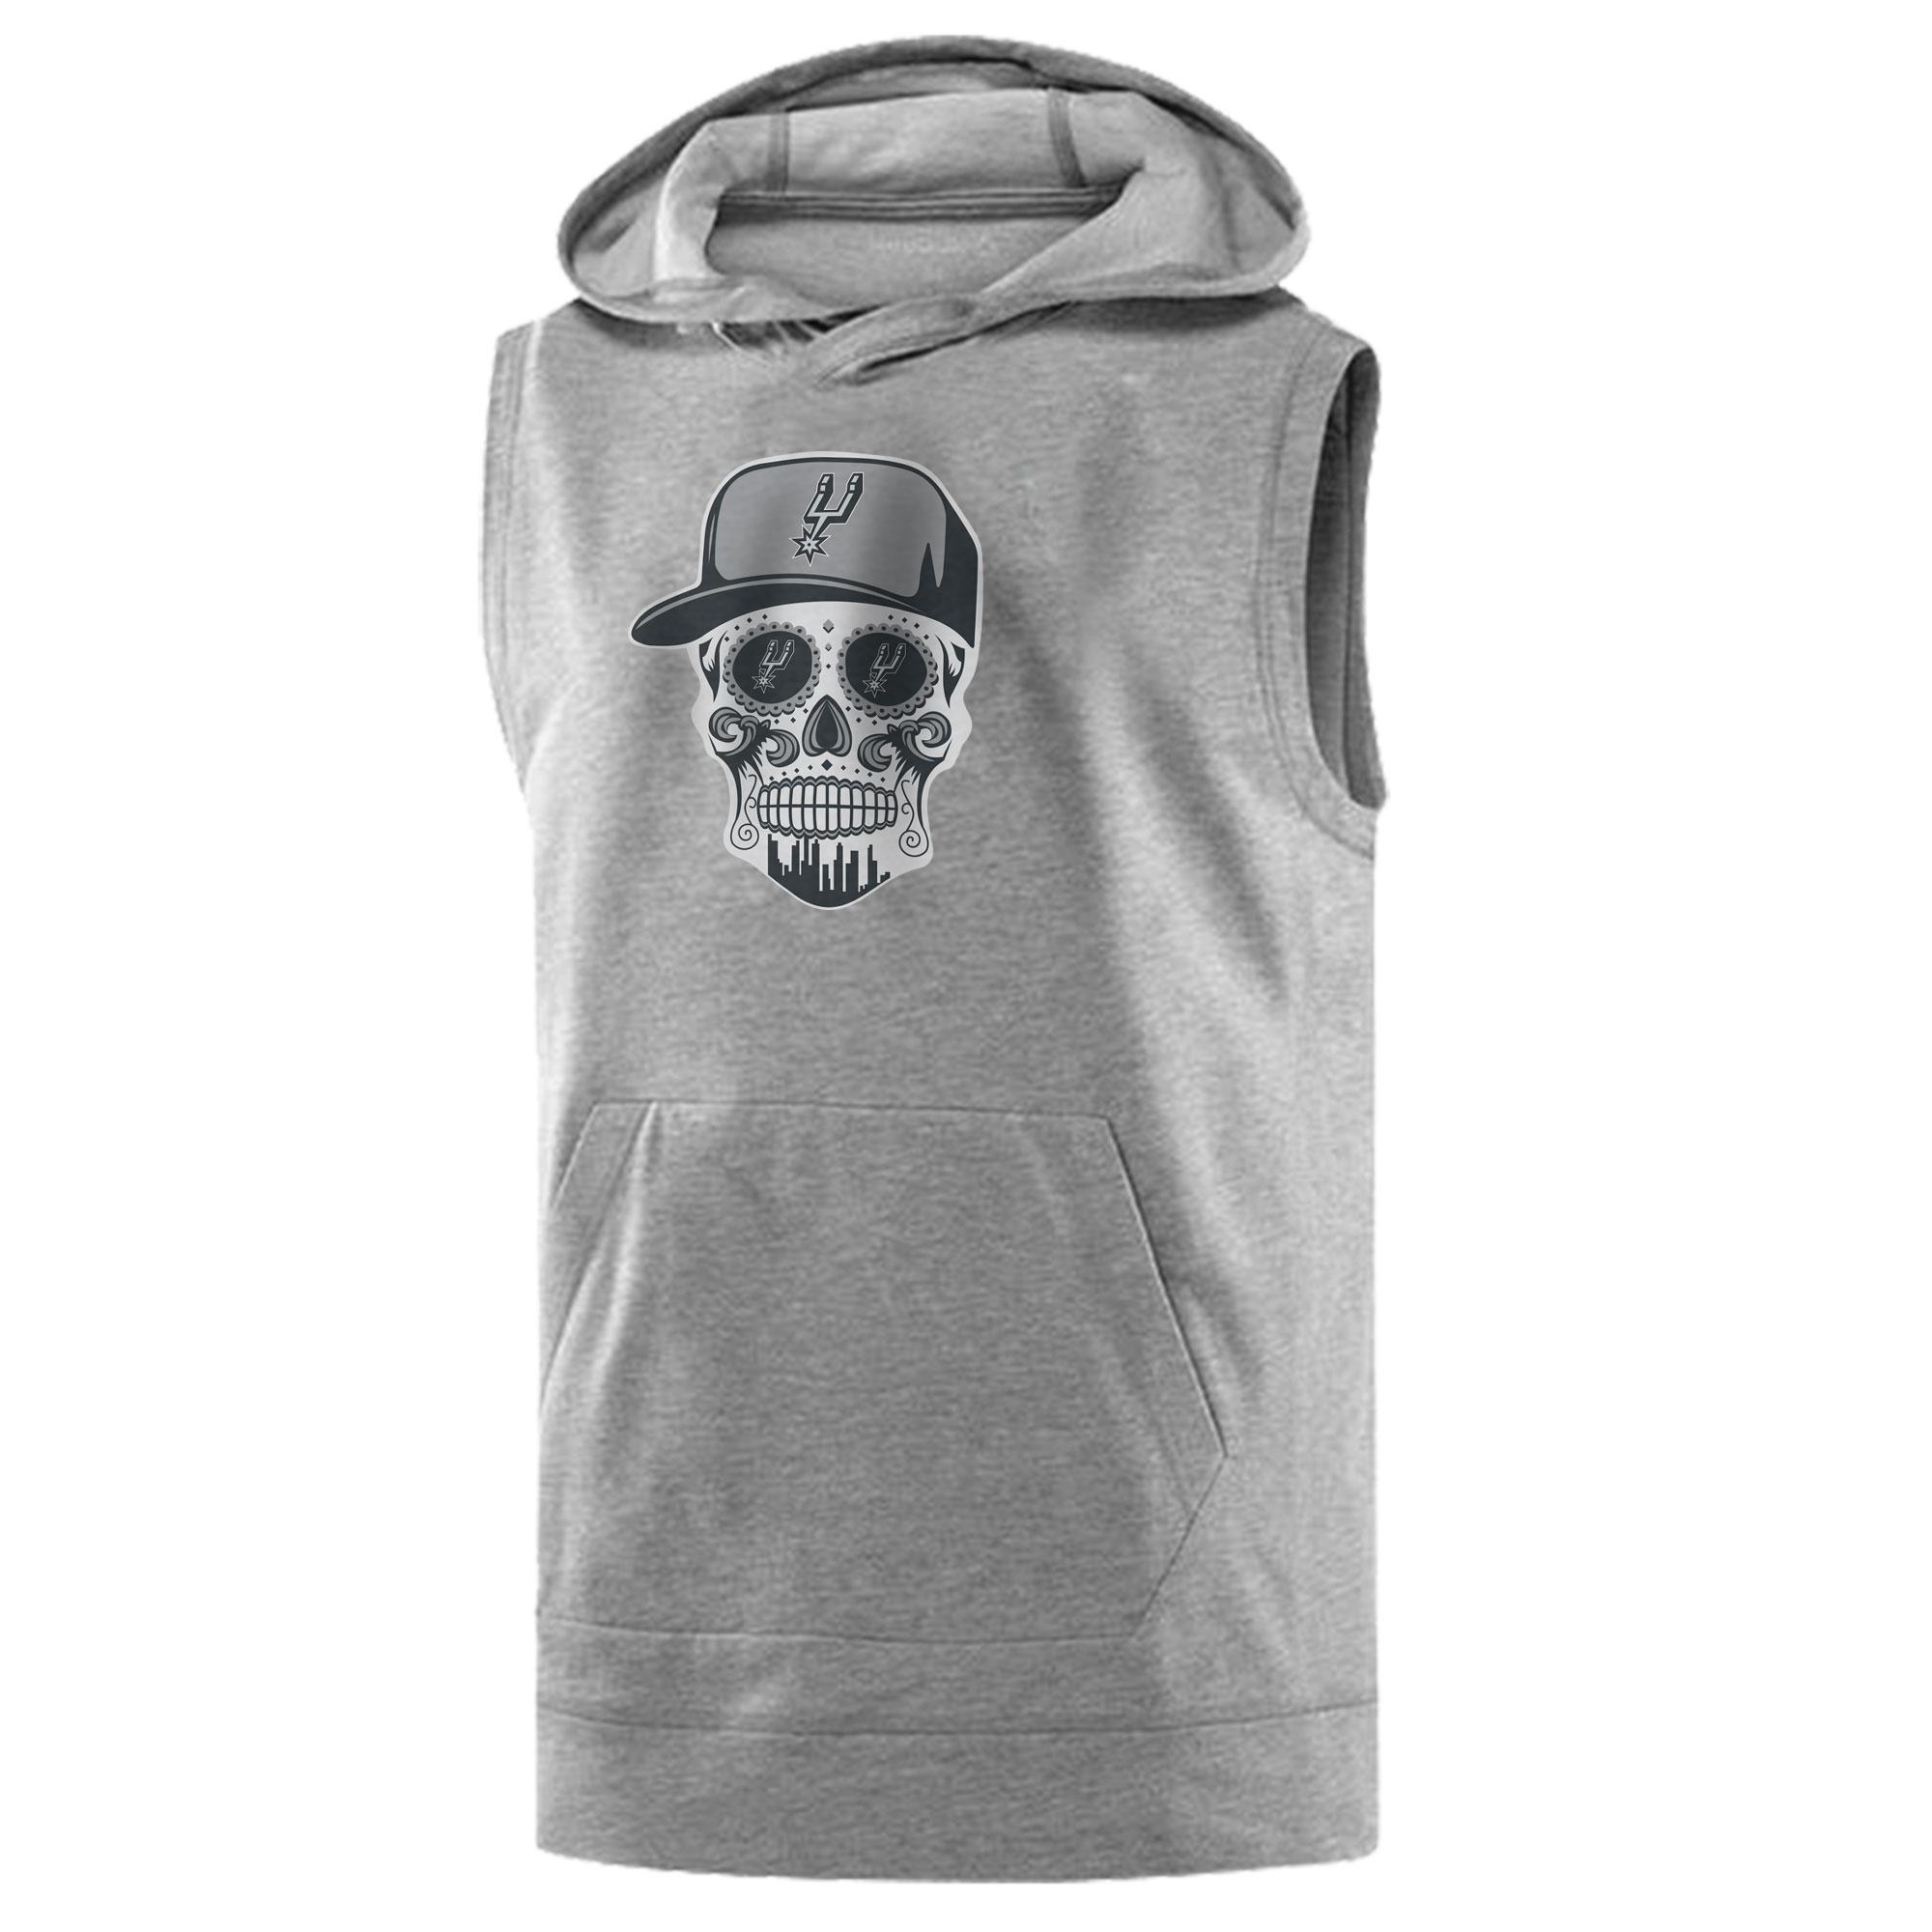 Spurs Skull Sleeveless (KLS-GRY-NP-464-NBA-SPURS-SKULL)